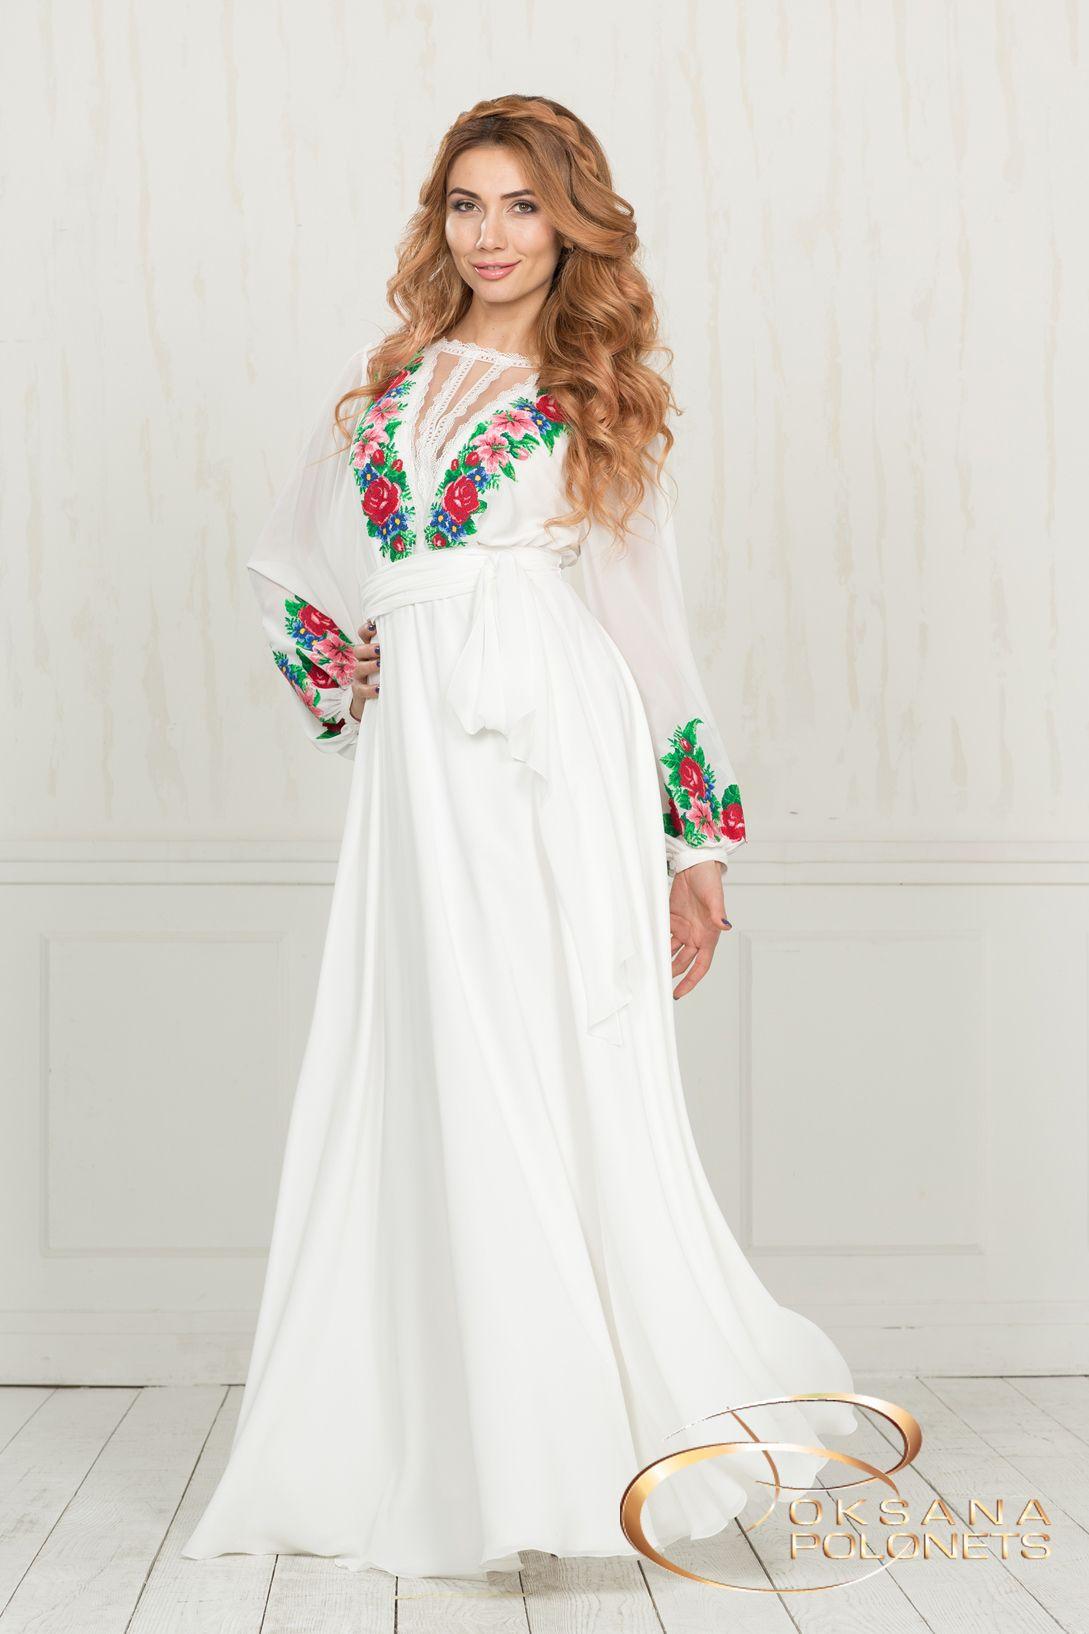 Пін від користувача Zoryana Roman на Dress in Ukrainian style - плаття  (сукні) в українському стилі  45ff9228c97b2